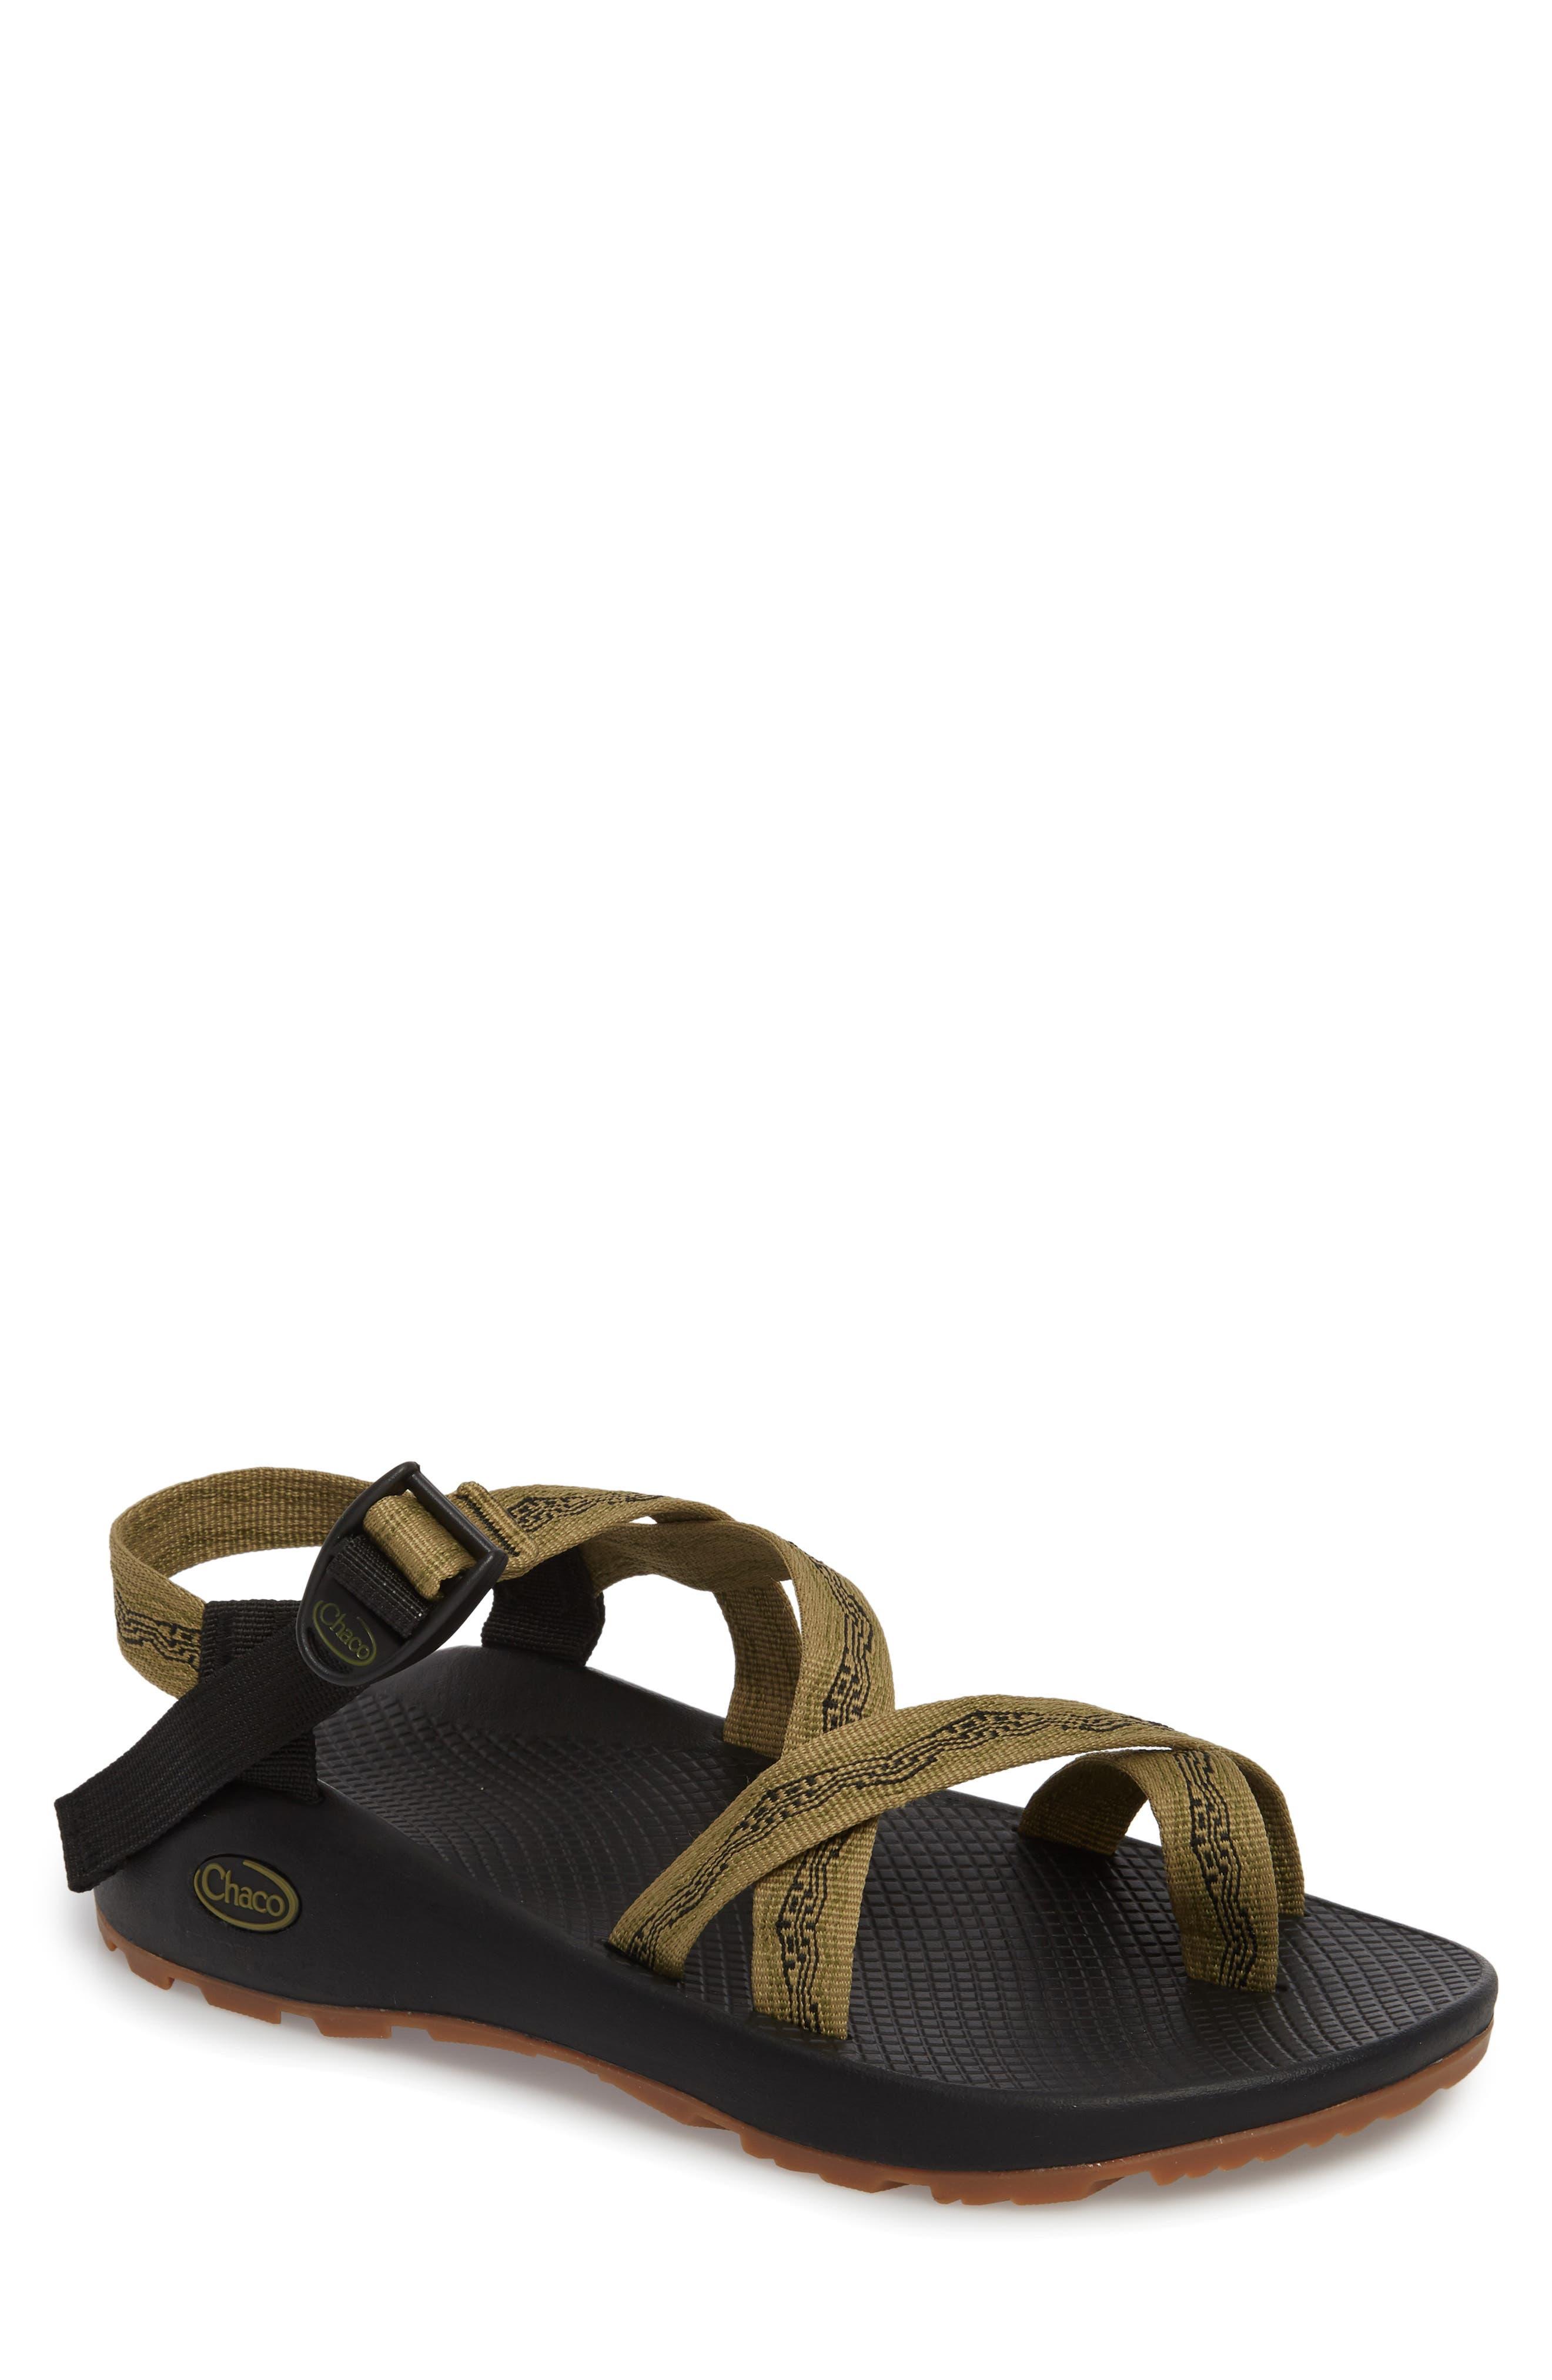 Z/2 Classic Sport Sandal,                             Main thumbnail 1, color,                             Tri Boa